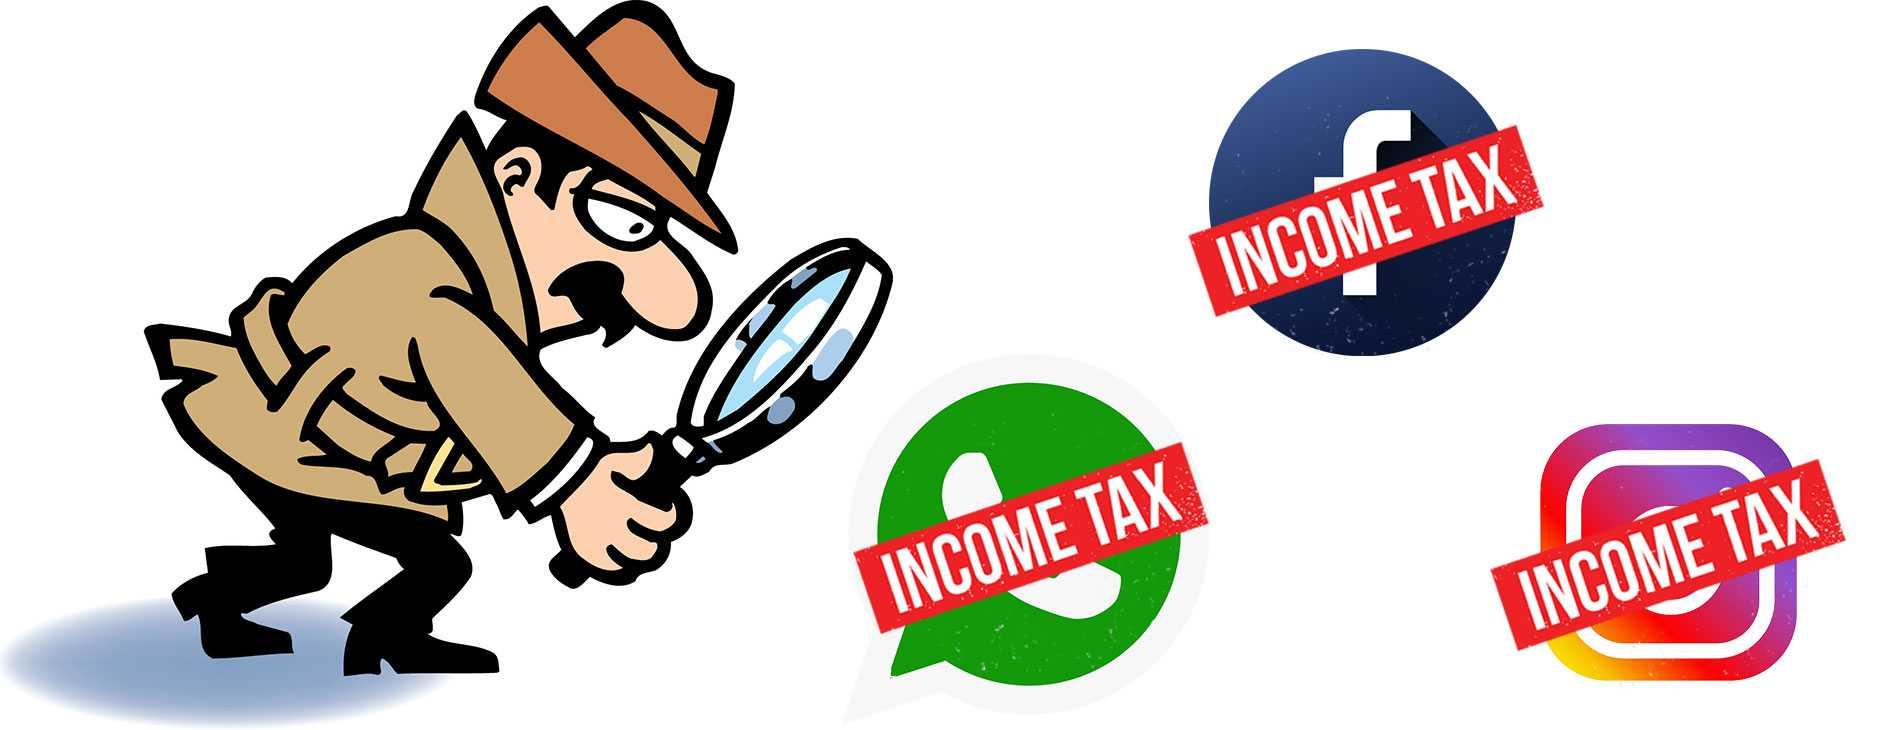 Income tax raid thru social media